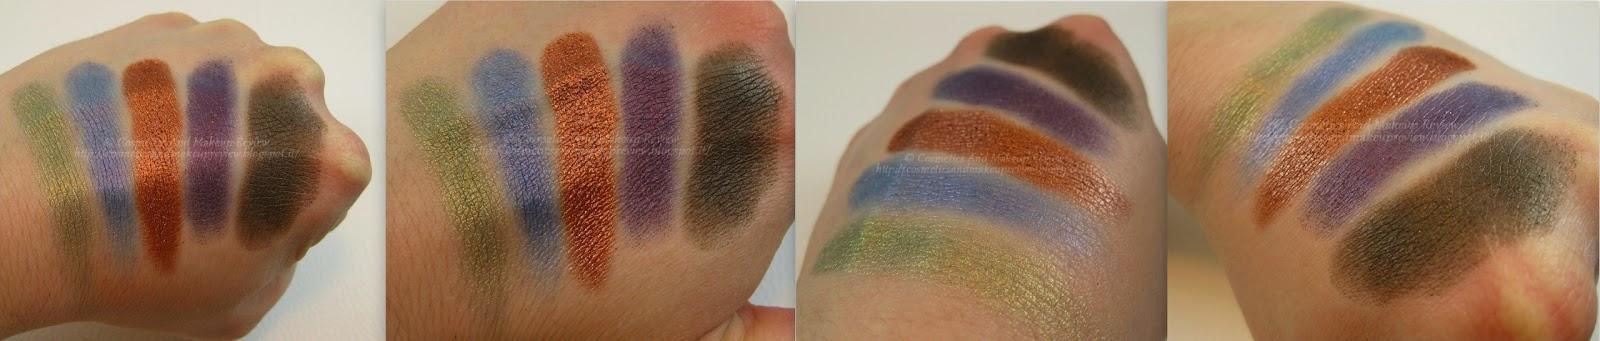 Neve Cosmetics - Palette Duochrome (2014) - swatches: prima fila di ombretti in alto, seconda fila di ombretti in basso